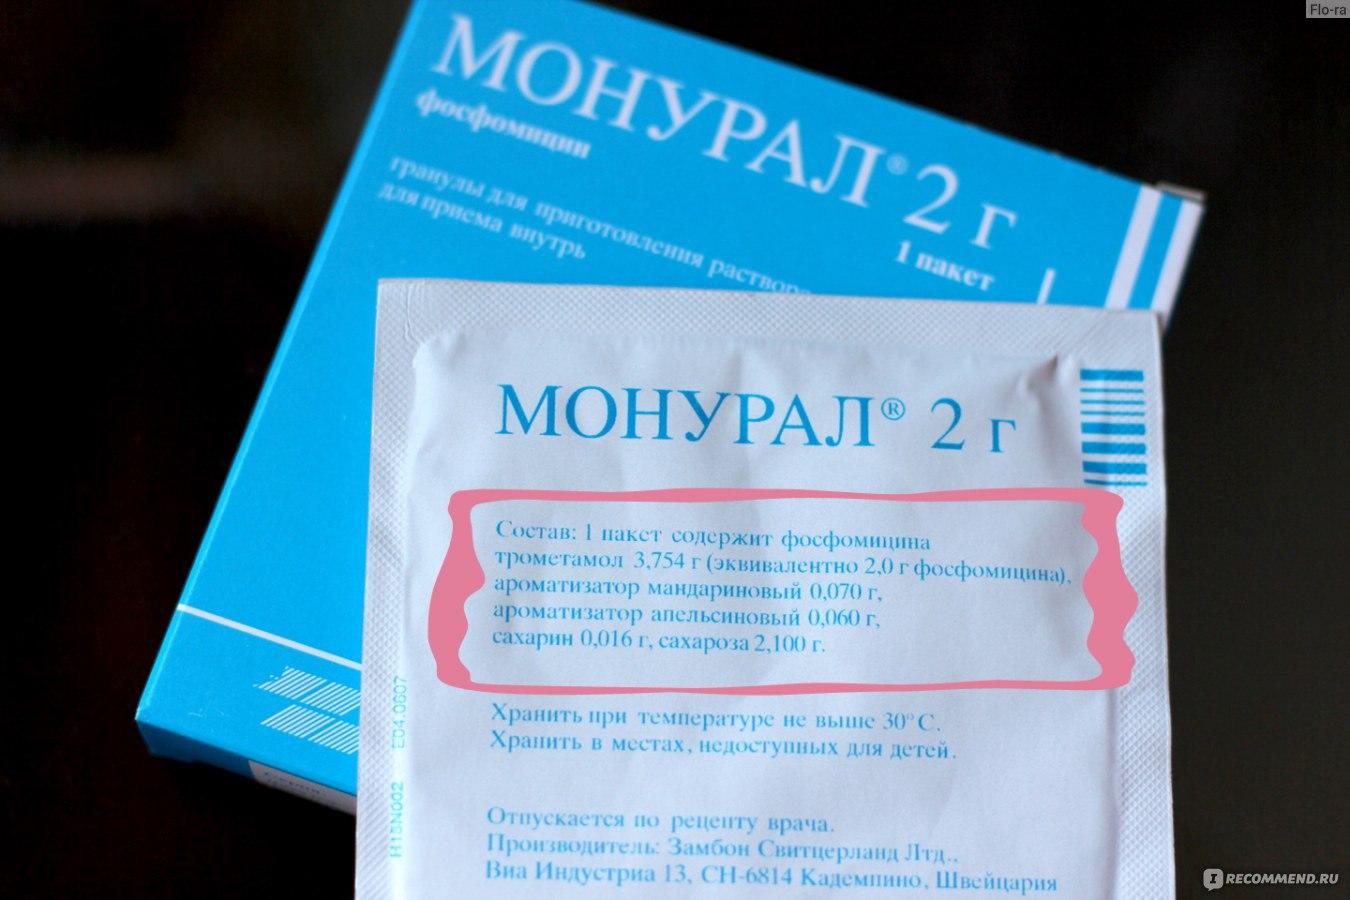 Фосфомицин: инструкция по применению и стоимость антибиотика